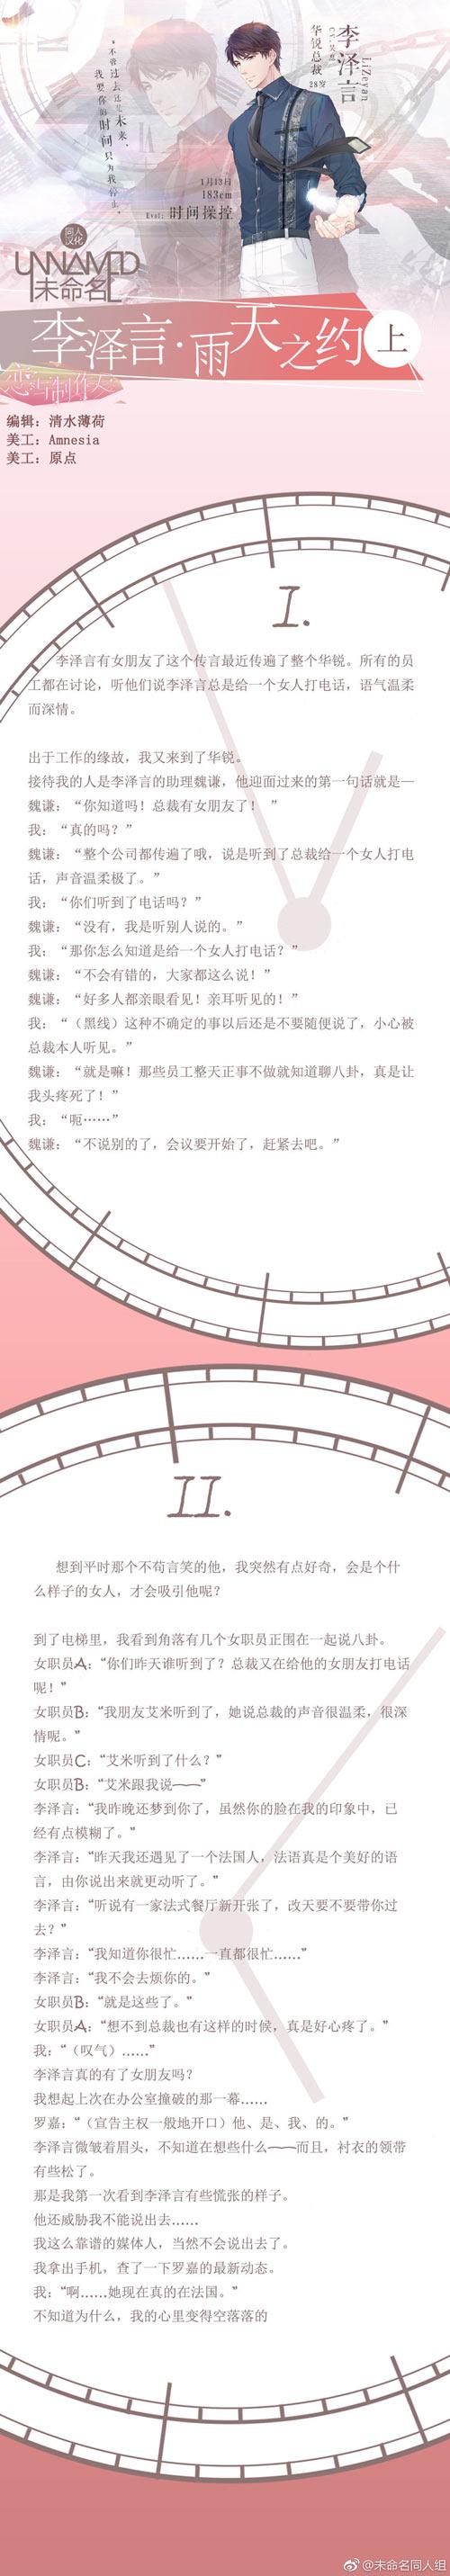 恋与制作人李泽言雨天之约